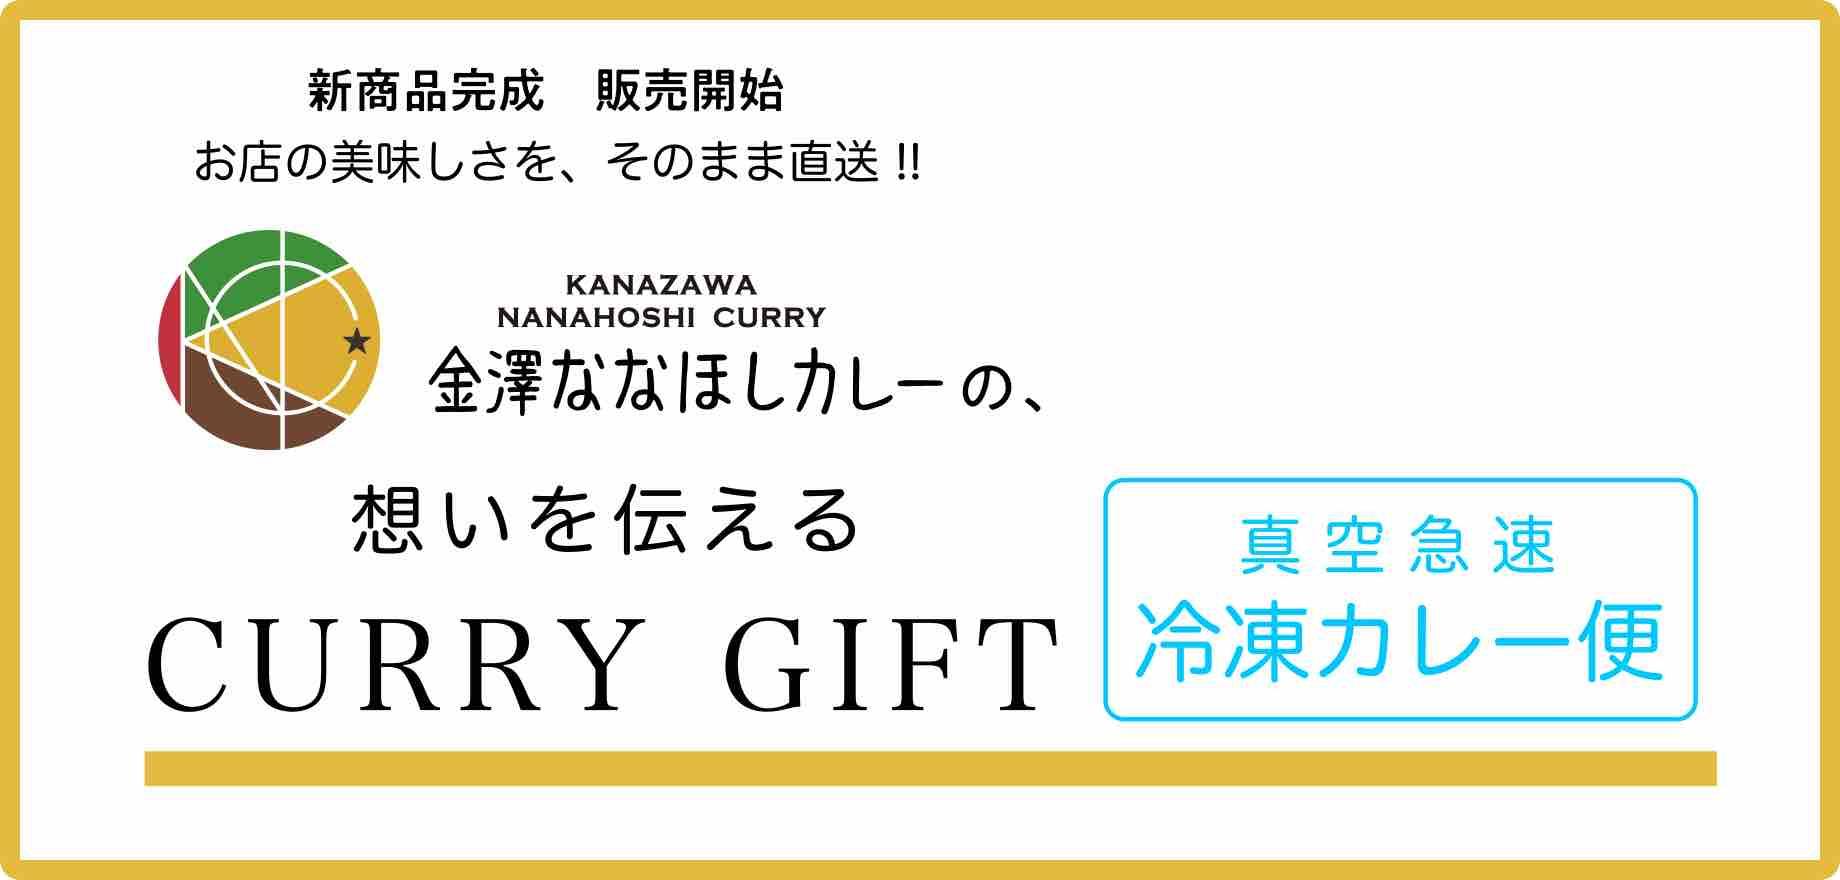 想いを伝えるCurry Gift